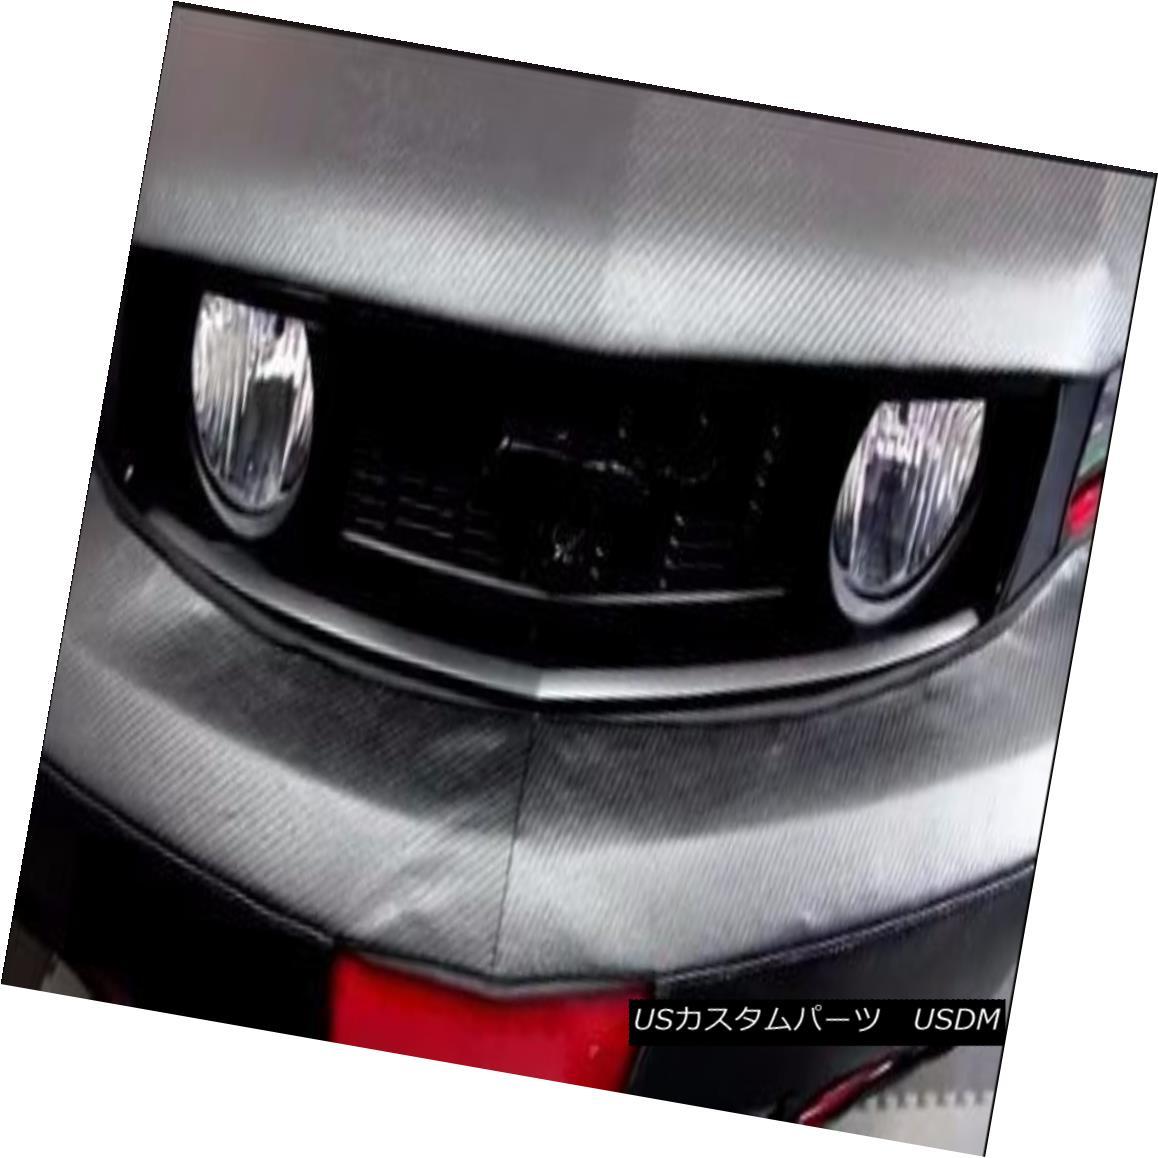 フルブラ ノーズブラ Colgan Front End Mask Bra CF 2pc. Fits Dodge Journey, SE 2011-2015 W/TAG コルガンフロントエンドマスクブラ2pc。 Dodge Journey、SE 2011-2015 W / TAGに適合